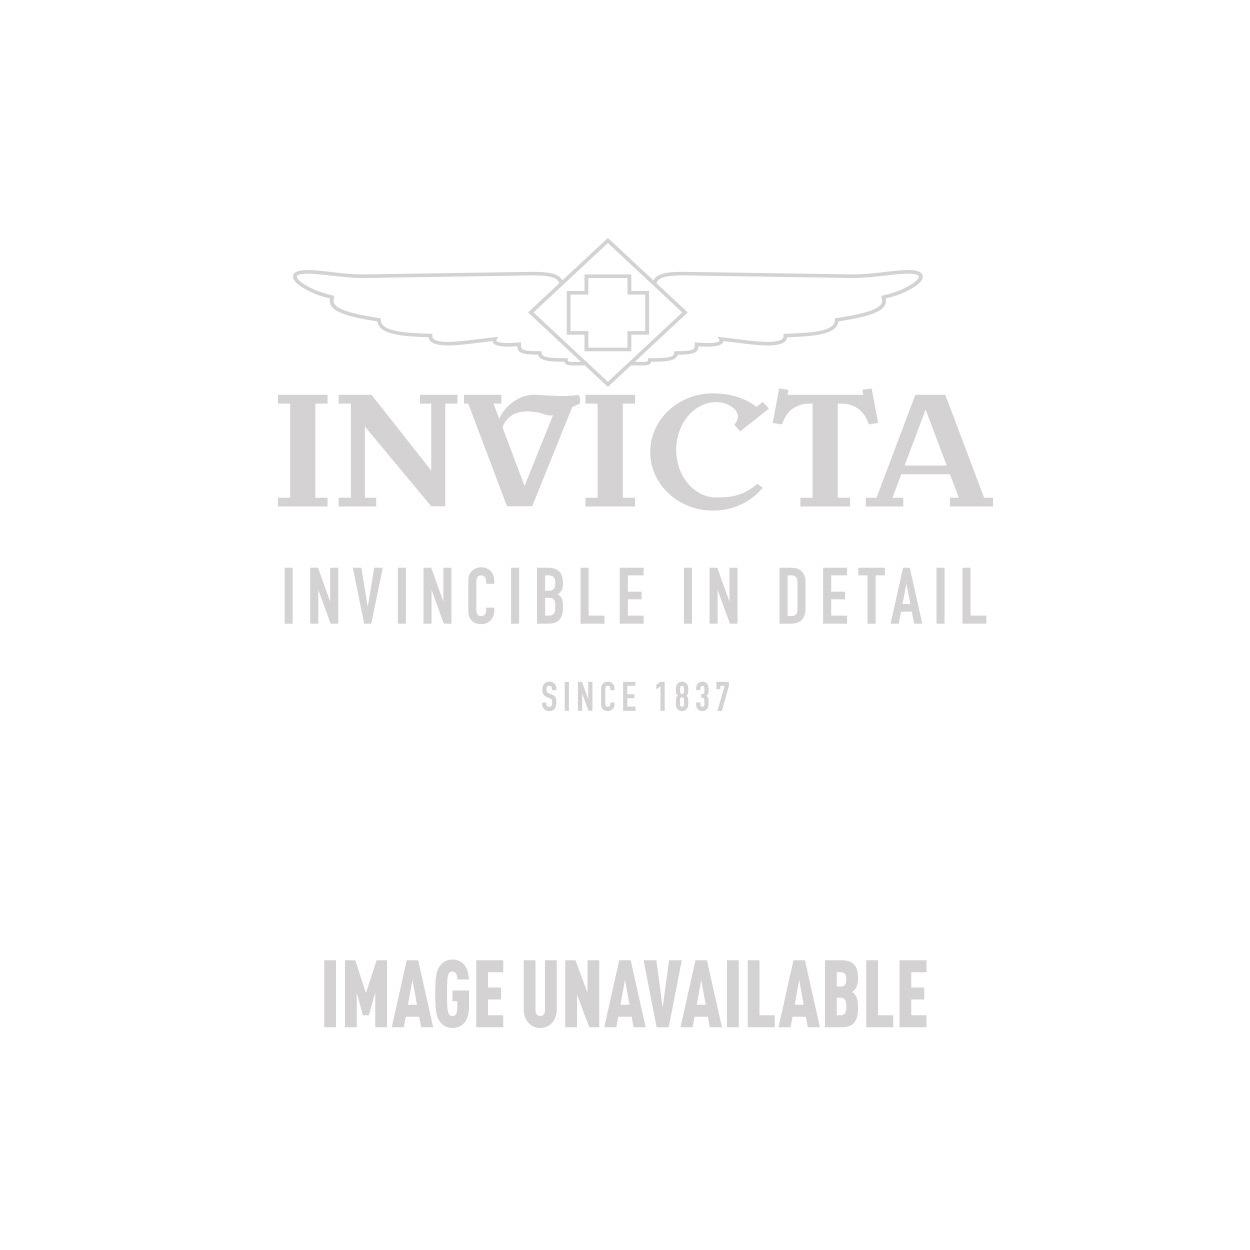 Invicta Model 23917